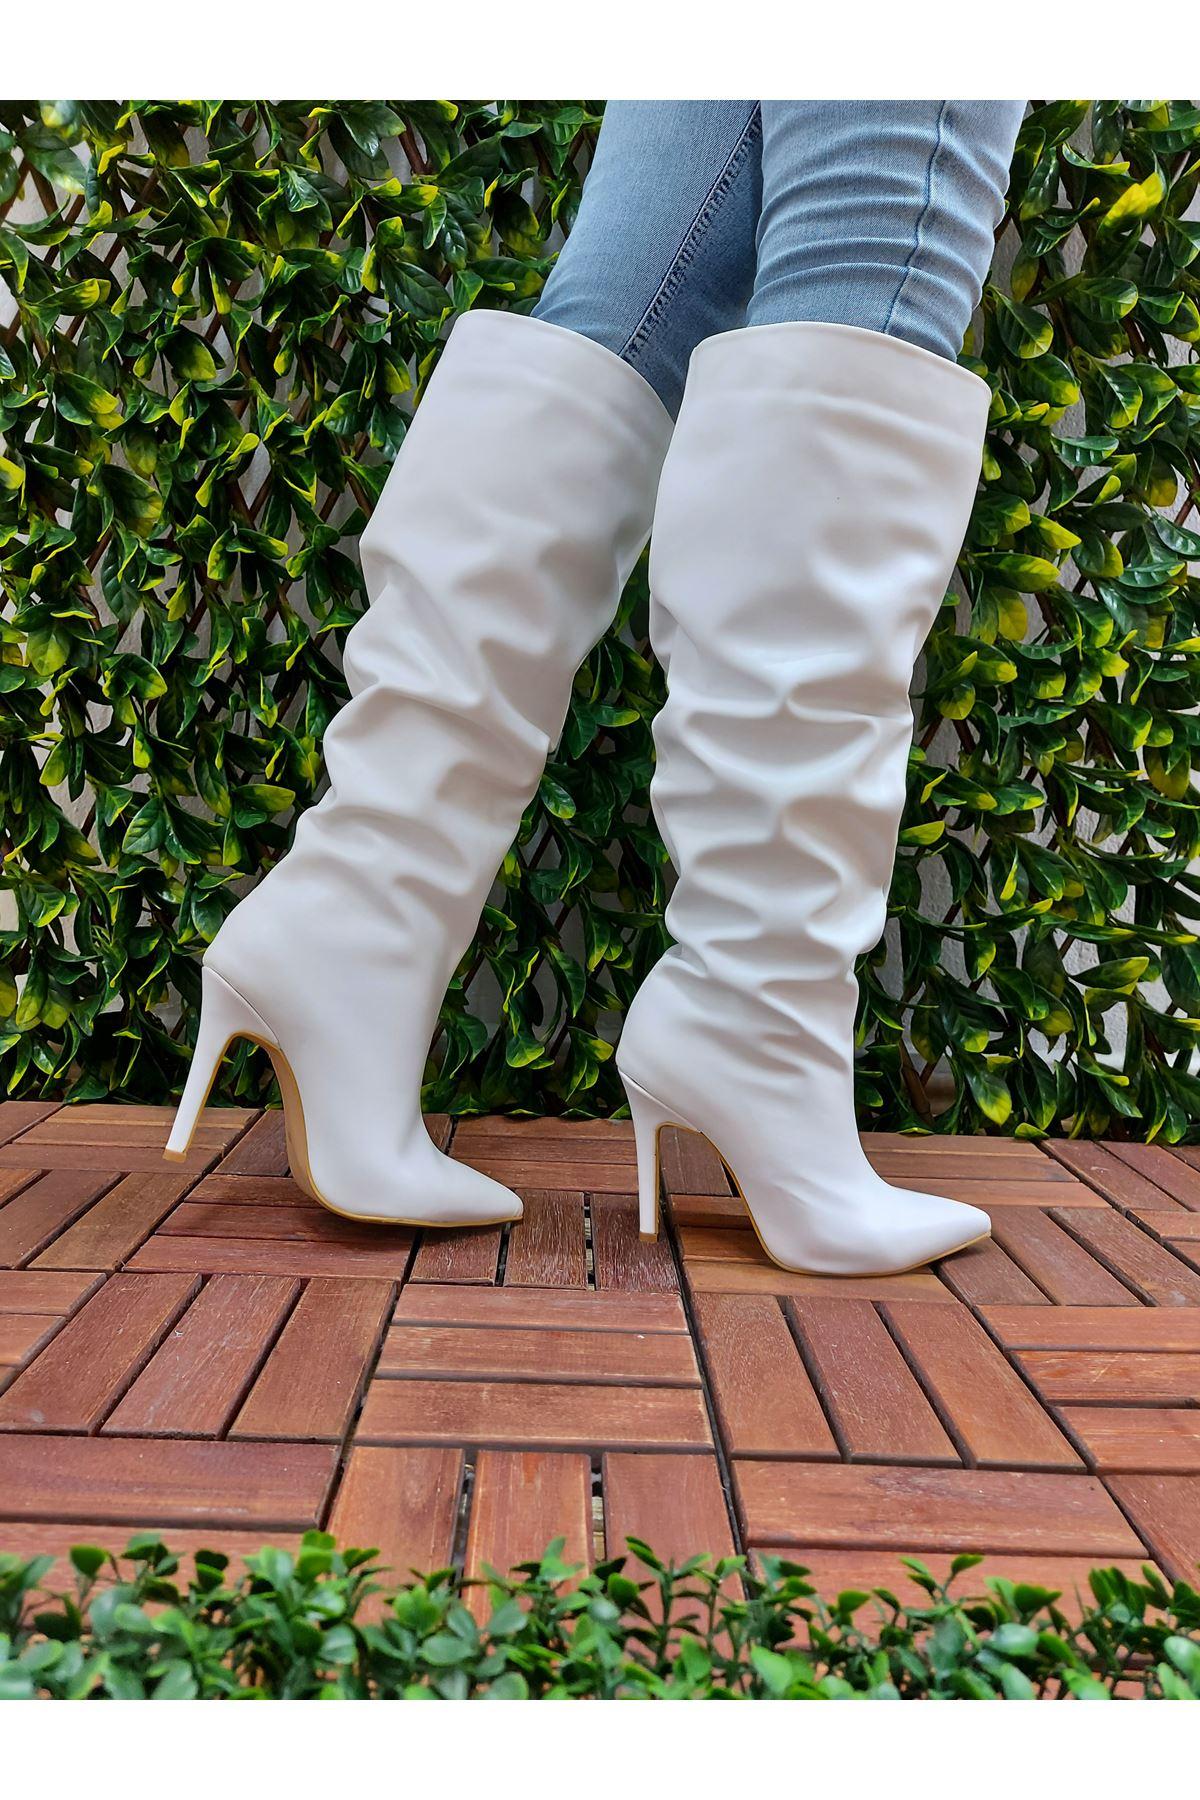 Away Beyaz Cilt Stiletto Diz Altı Topuklu Kadın Çizme